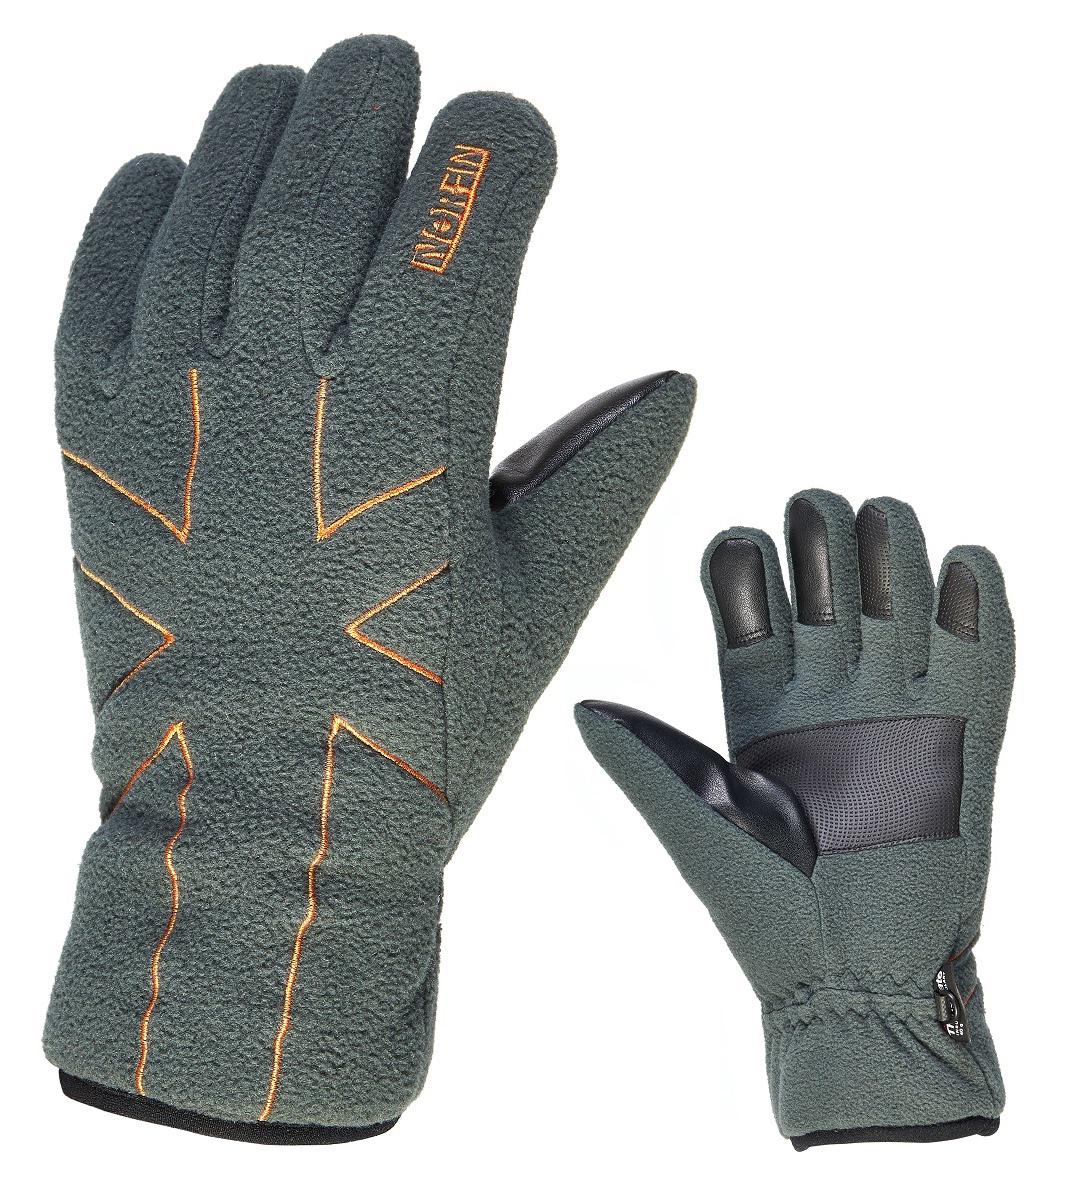 Перчатки для рыбалки мужские Norfin Shifter, цвет: серый. 703077-03. Размер L (9)